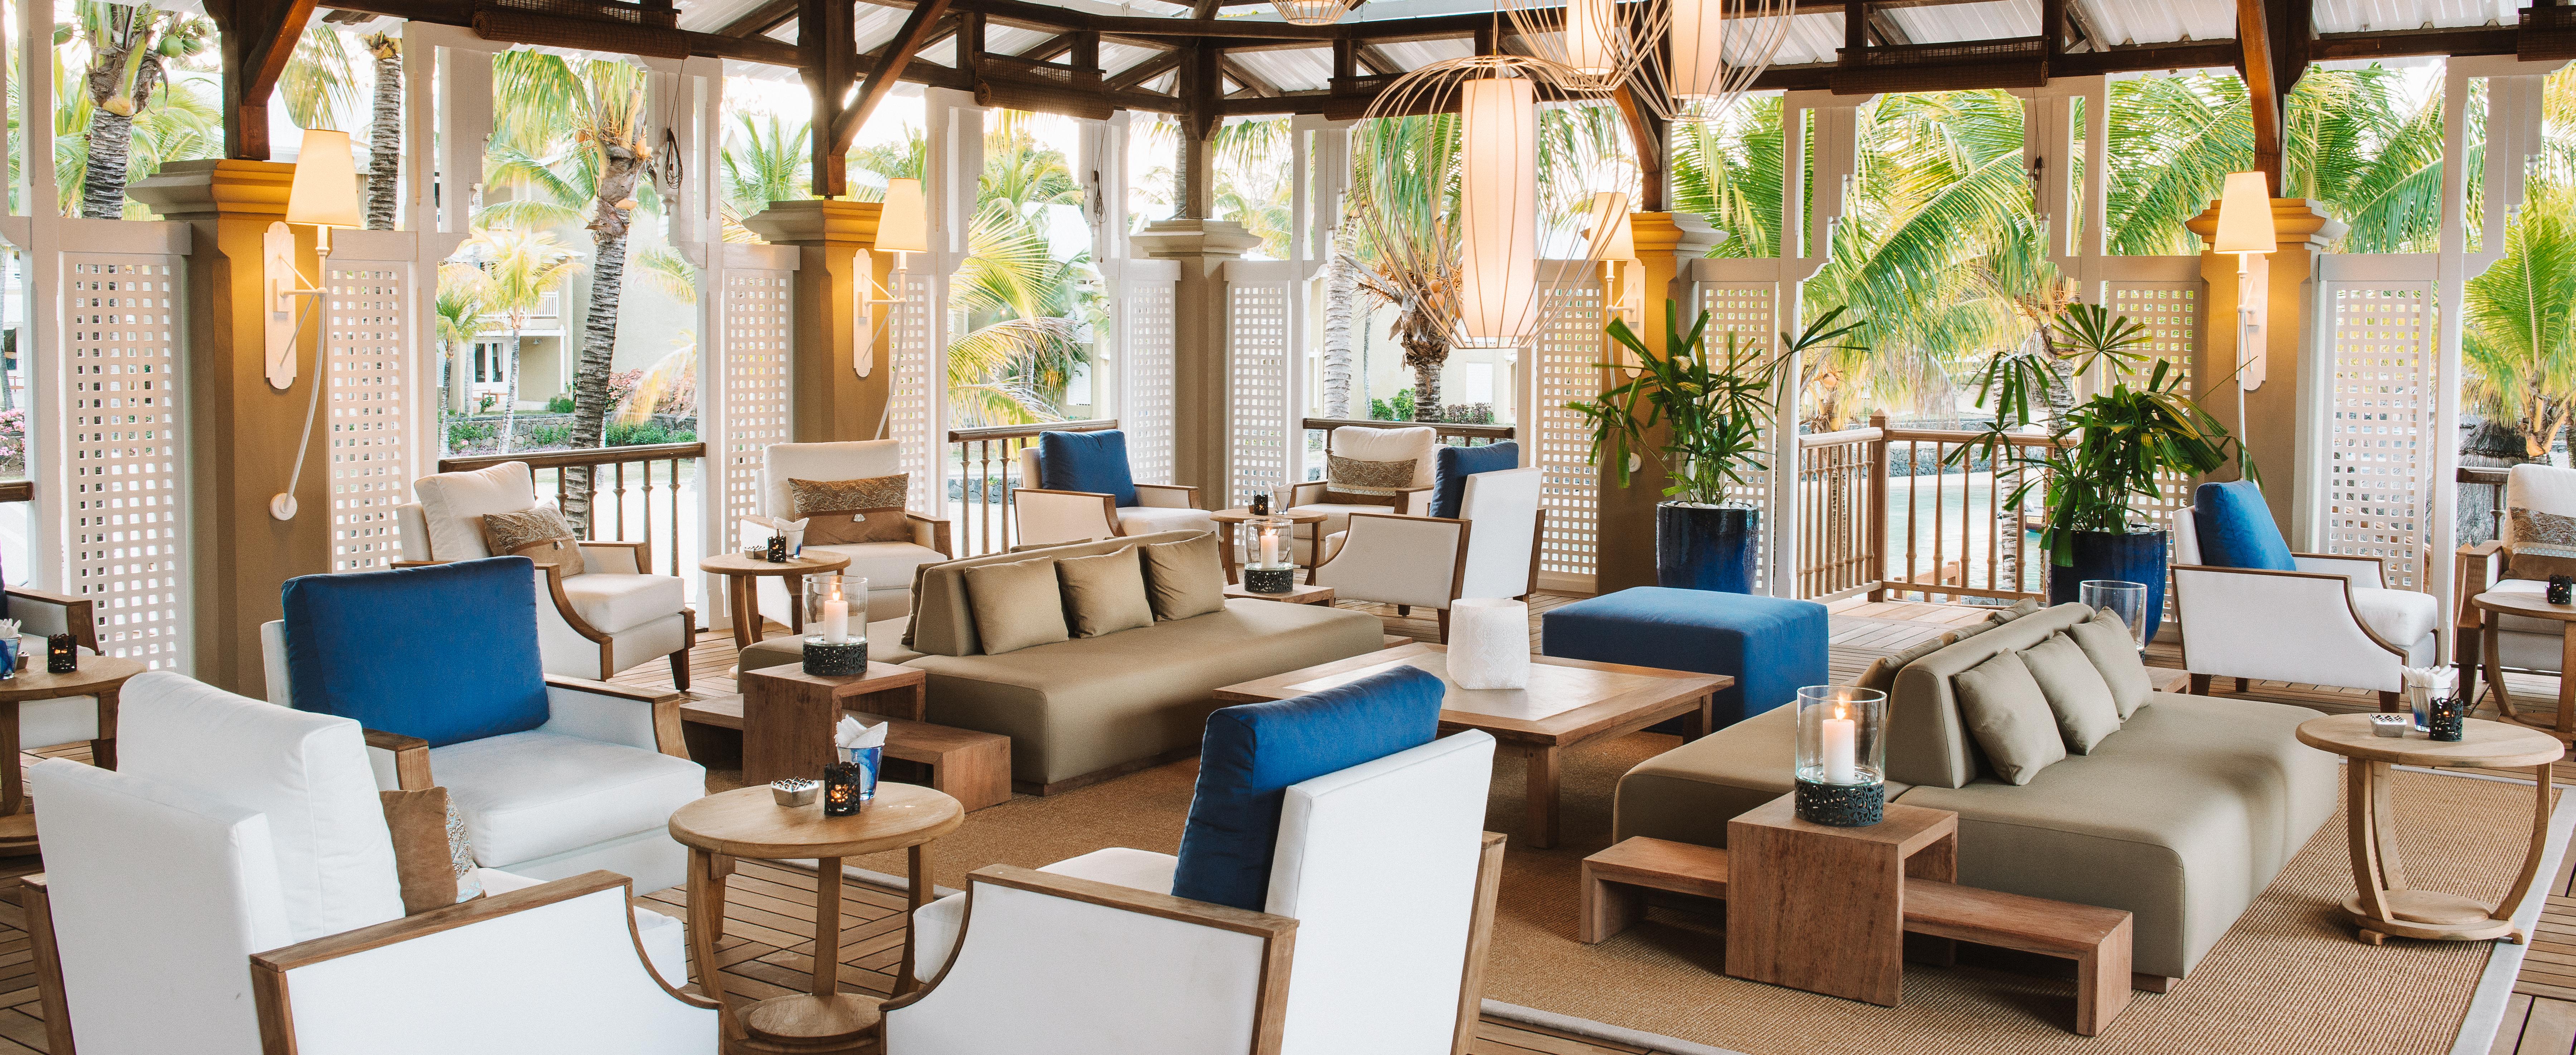 bar-paradise-cove-mauritius